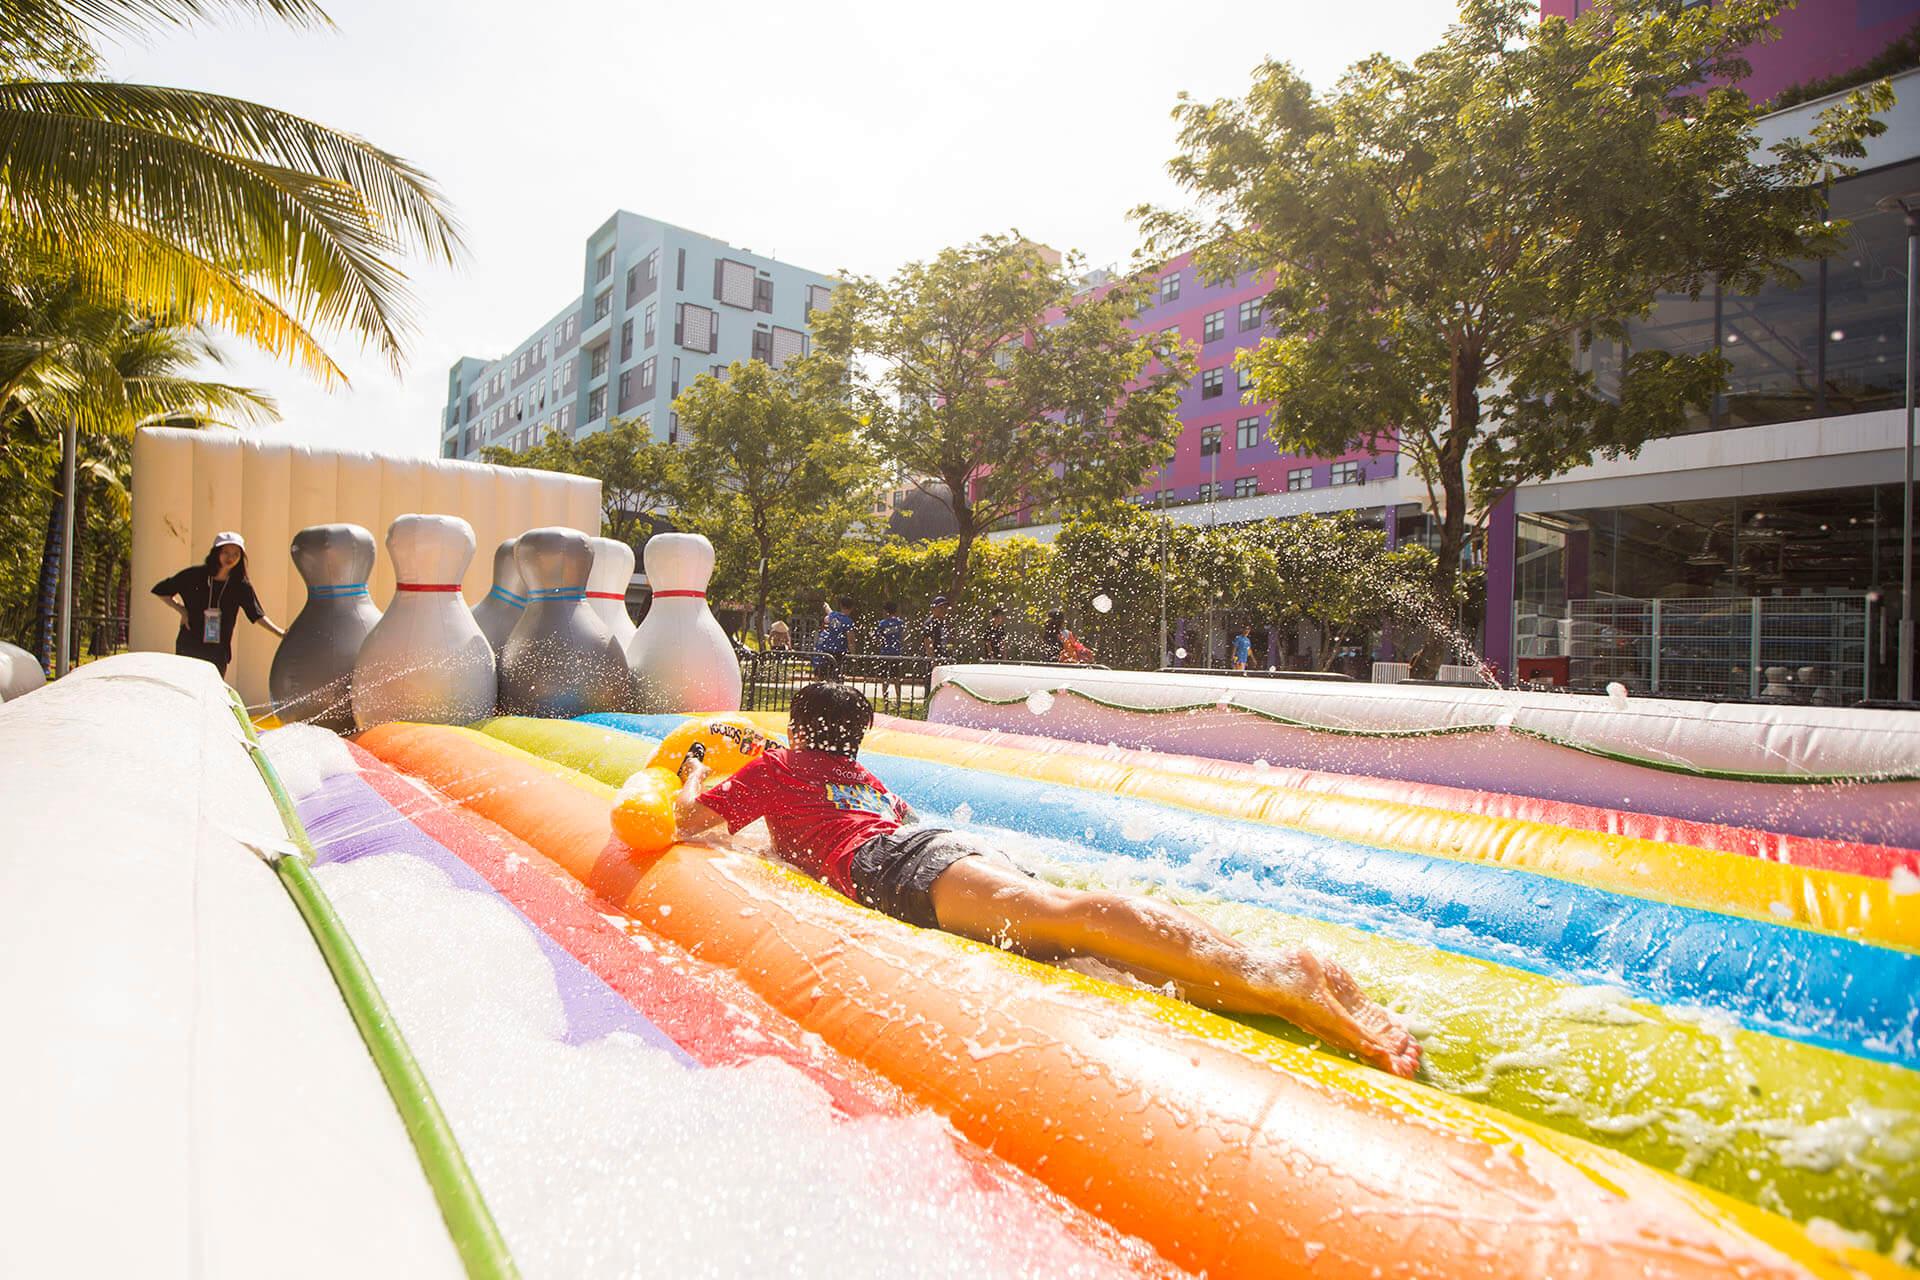 Summer Beach Bazaar Khu Tro Choi Nuoc Pho Am Thuc Nghe Thuat Ven Bien Moi Toanh Tai Da Nang Khu Tro Choi Nuoc 03